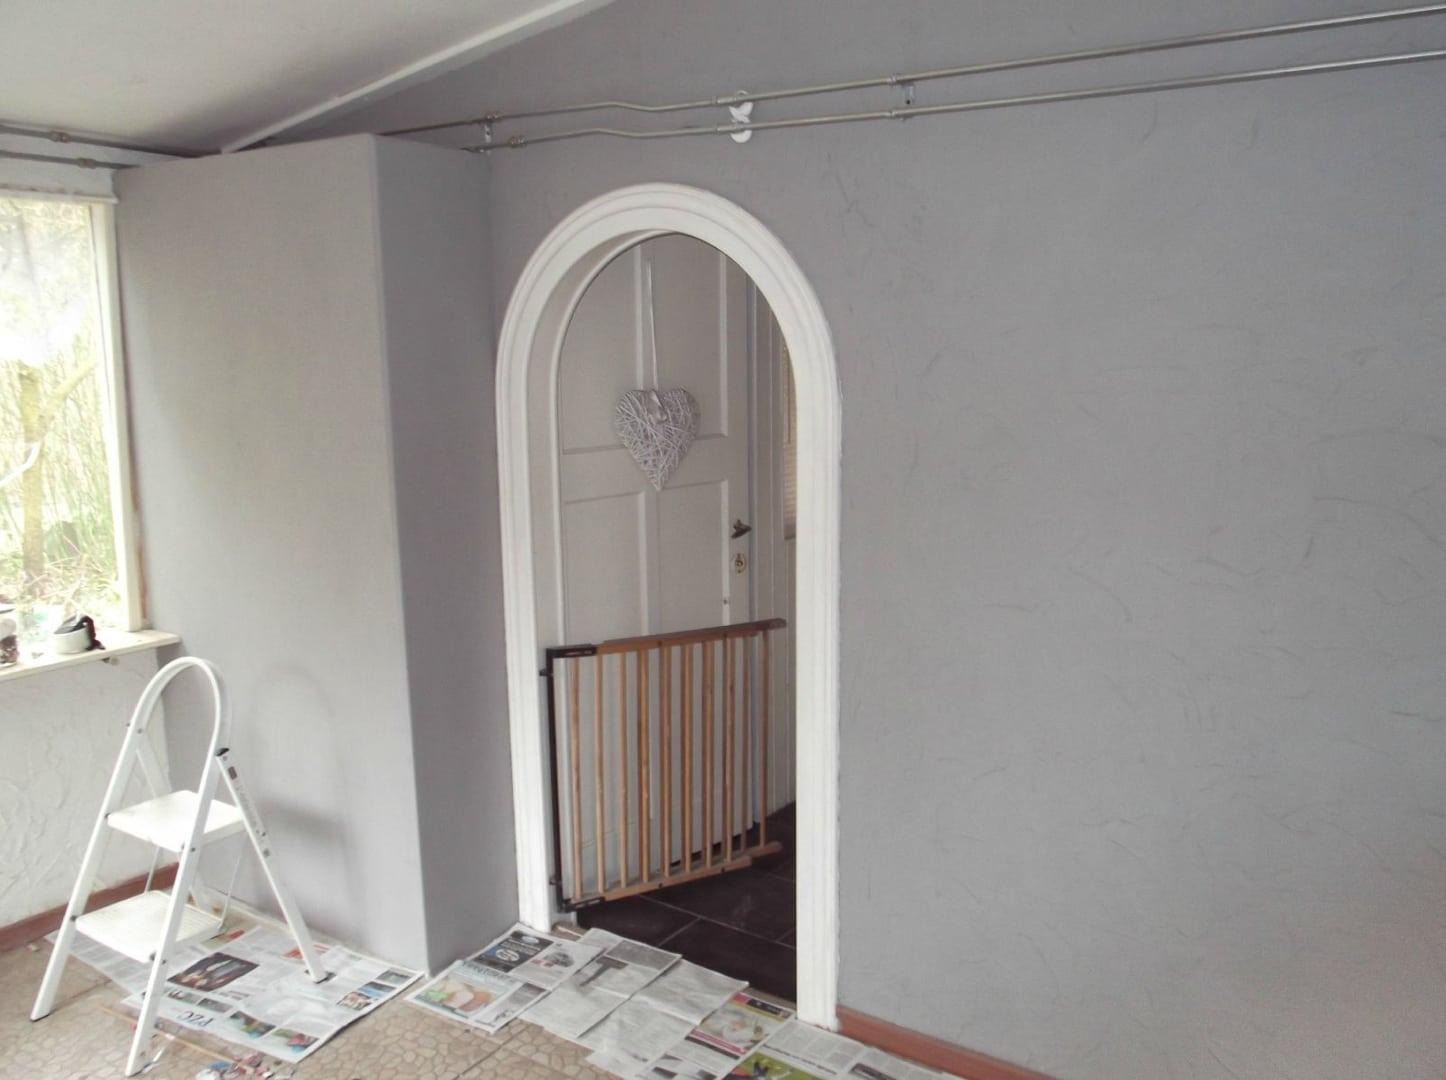 Made bij ikkus februari 2013 - Kleden muur op ...